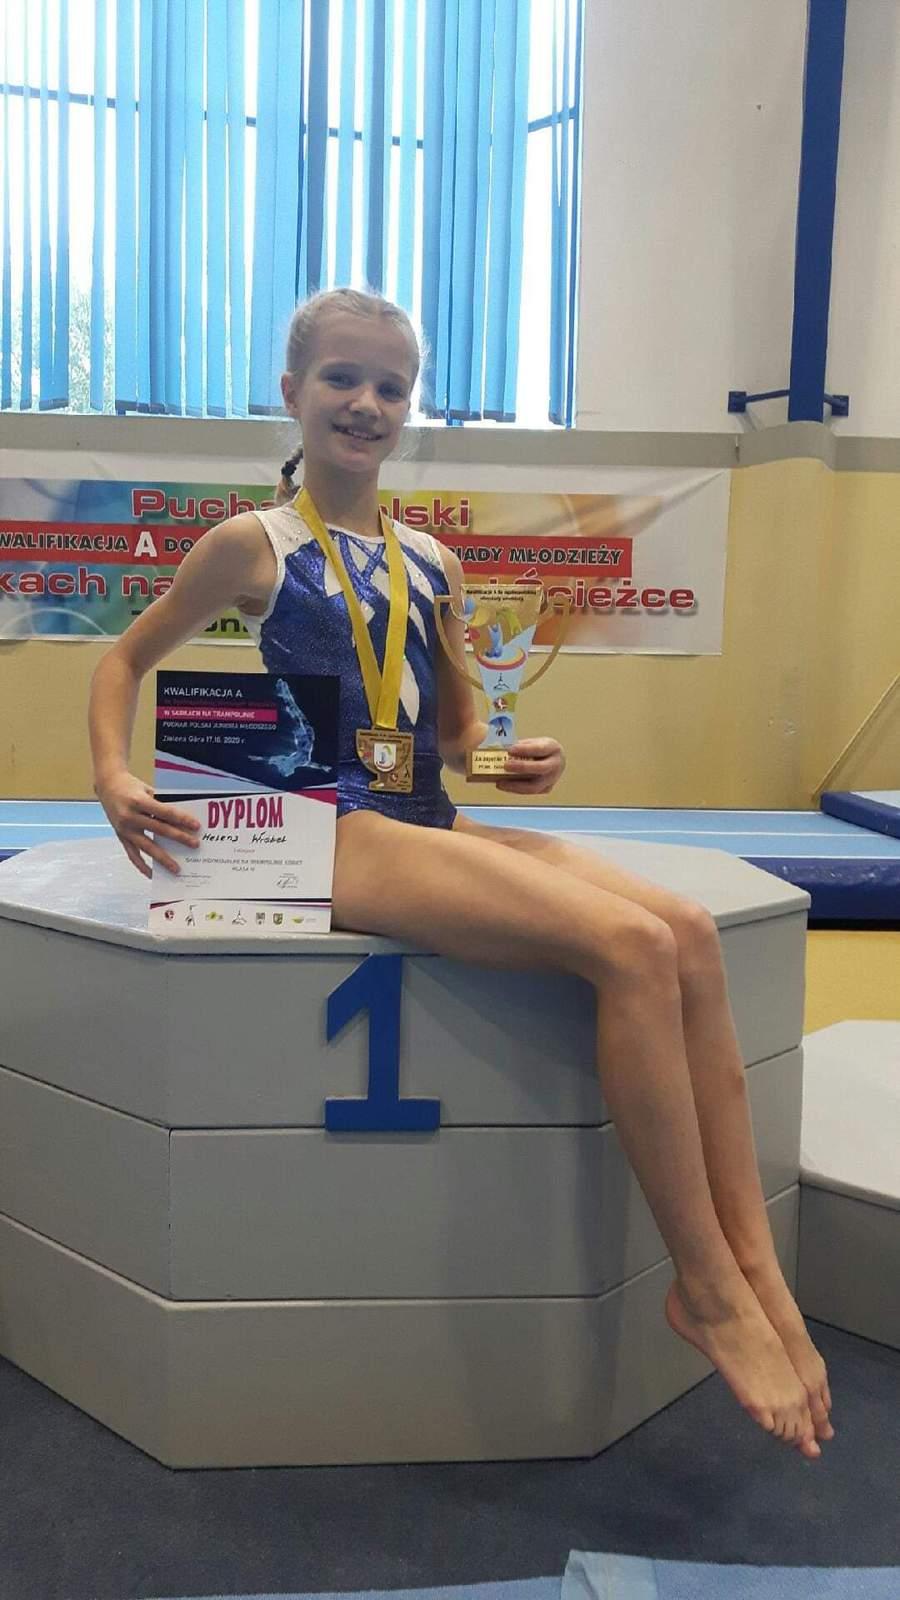 Dziewczynka siedzi na podium. Na szyi ma zawieszony złoty medal, w rękach trzyma statuetkę i pamiątkowy dyplom.